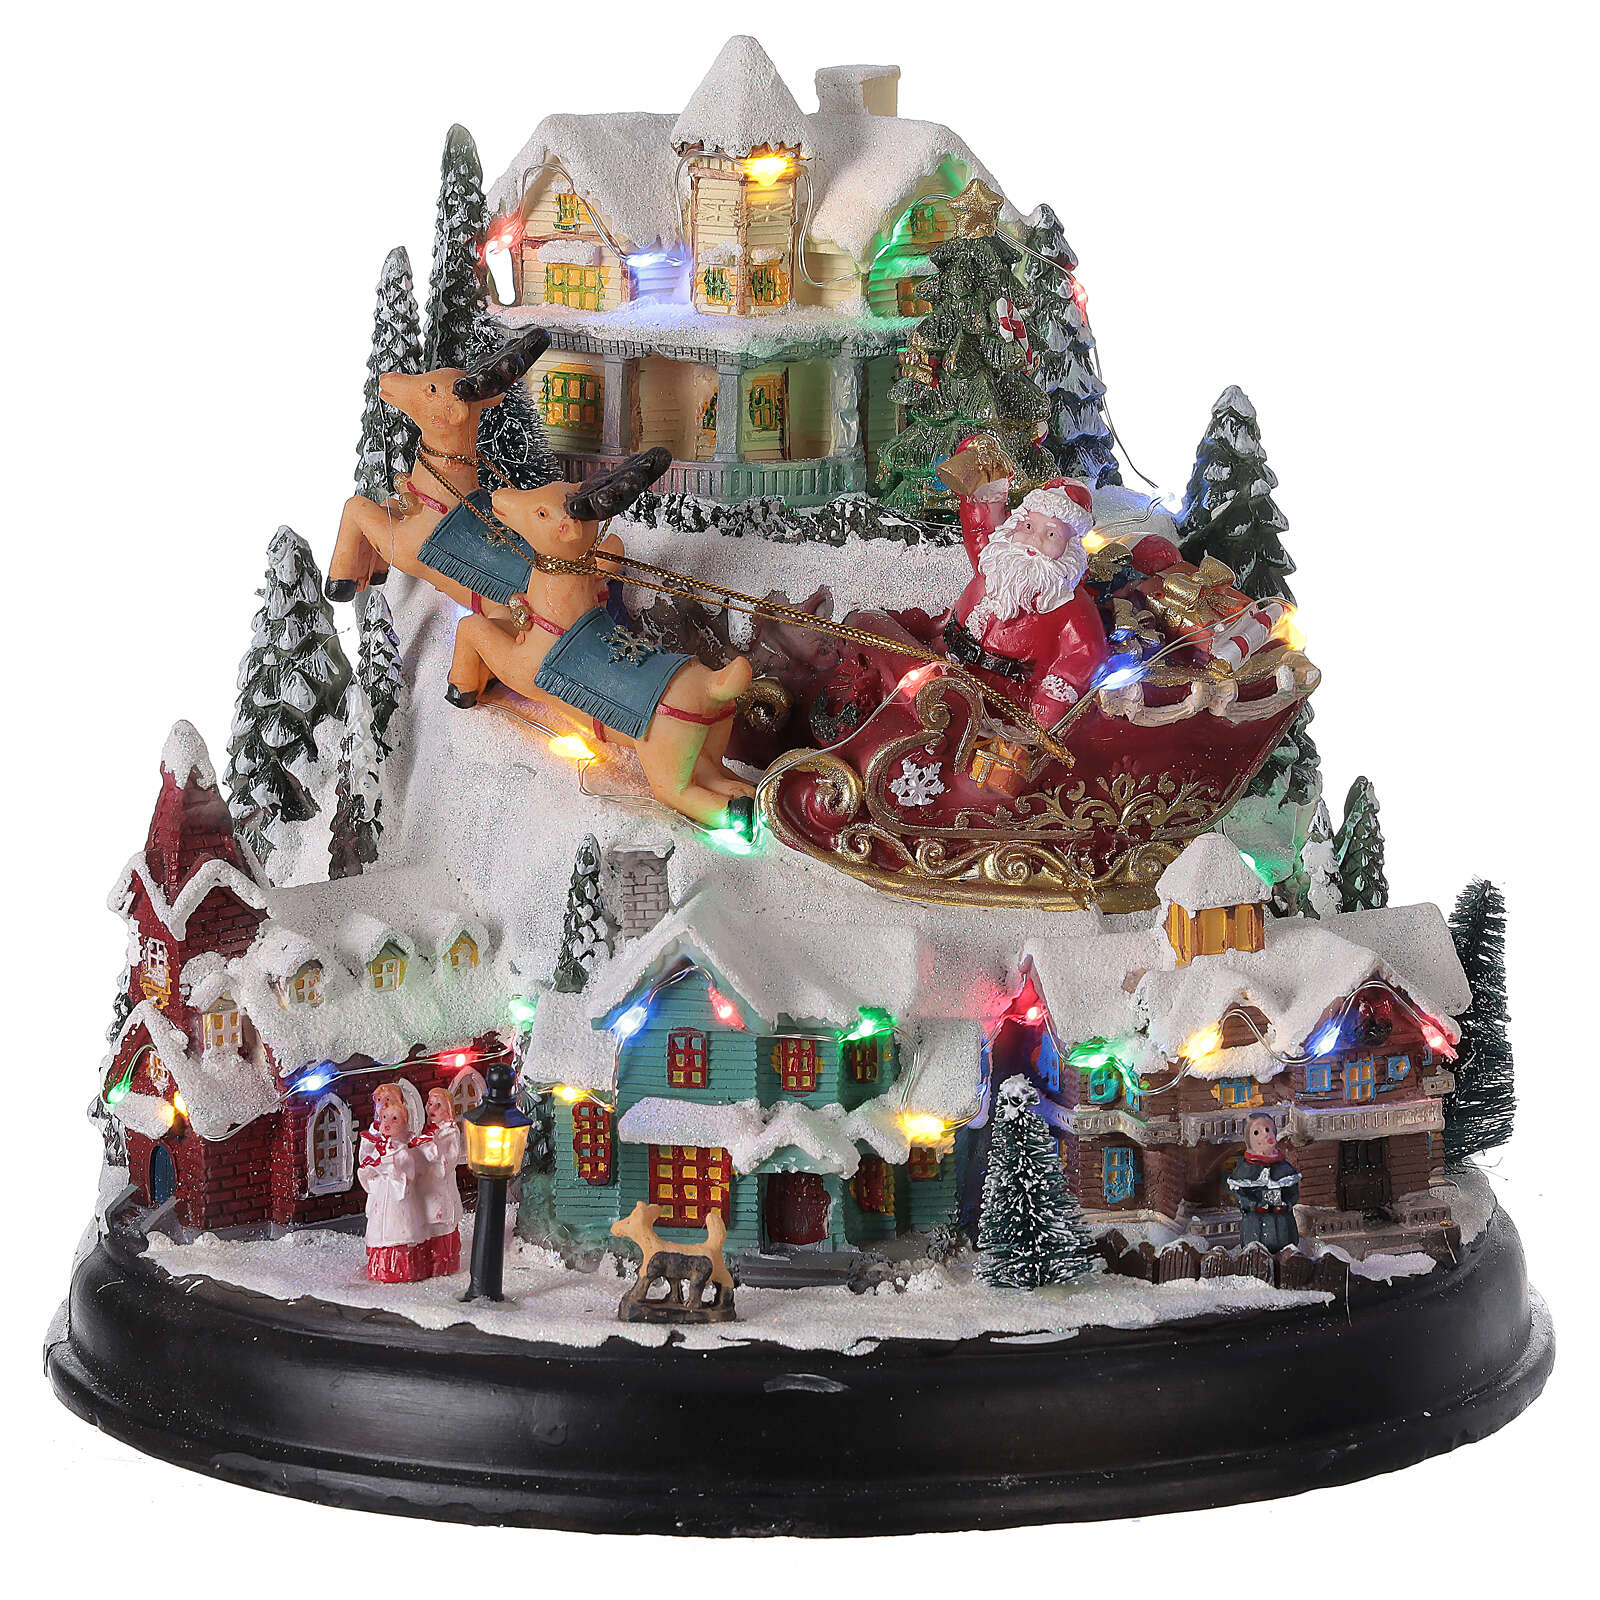 Aldeia de Natal em miniatura com árvore, Pai Natal no trenó, luzes e música, 24,5x28x24 cm 3